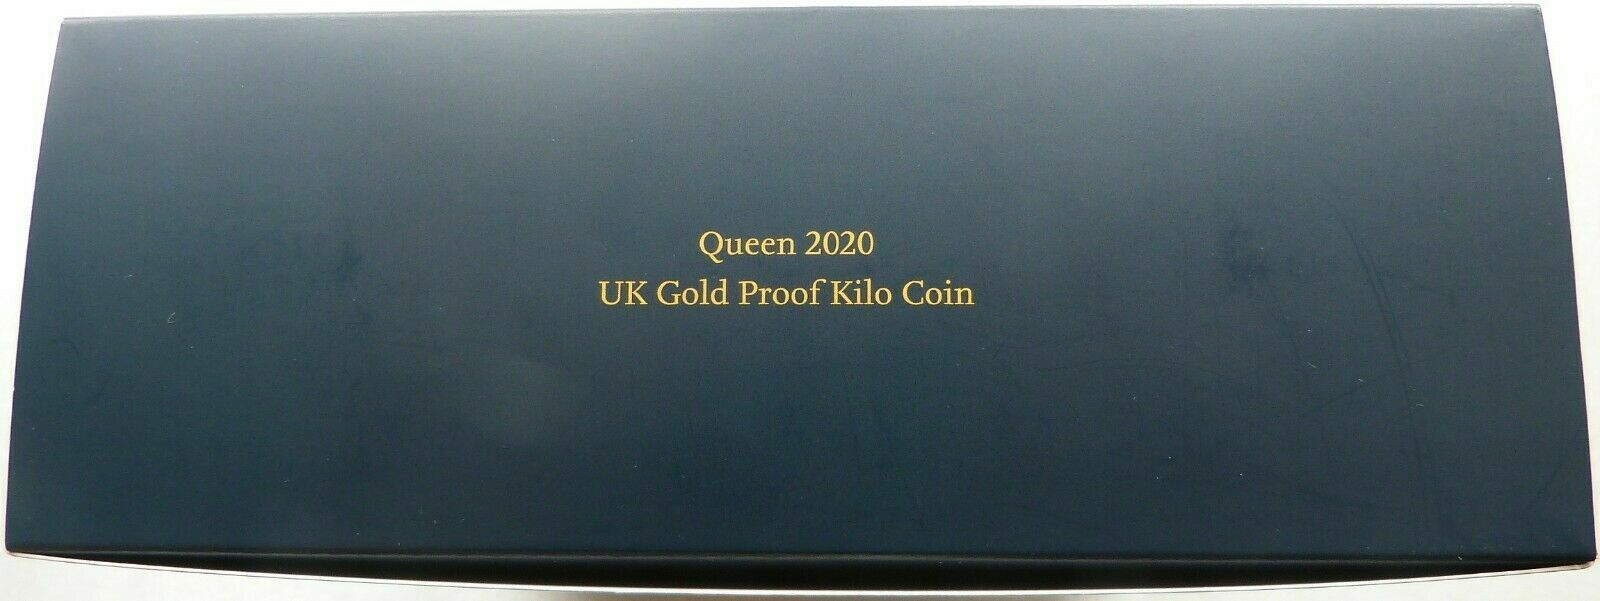 グレートブリテン 2020年 音楽の伝説シリーズ クイーン 1KG1000ポンドプルーフ金貨新品箱付き